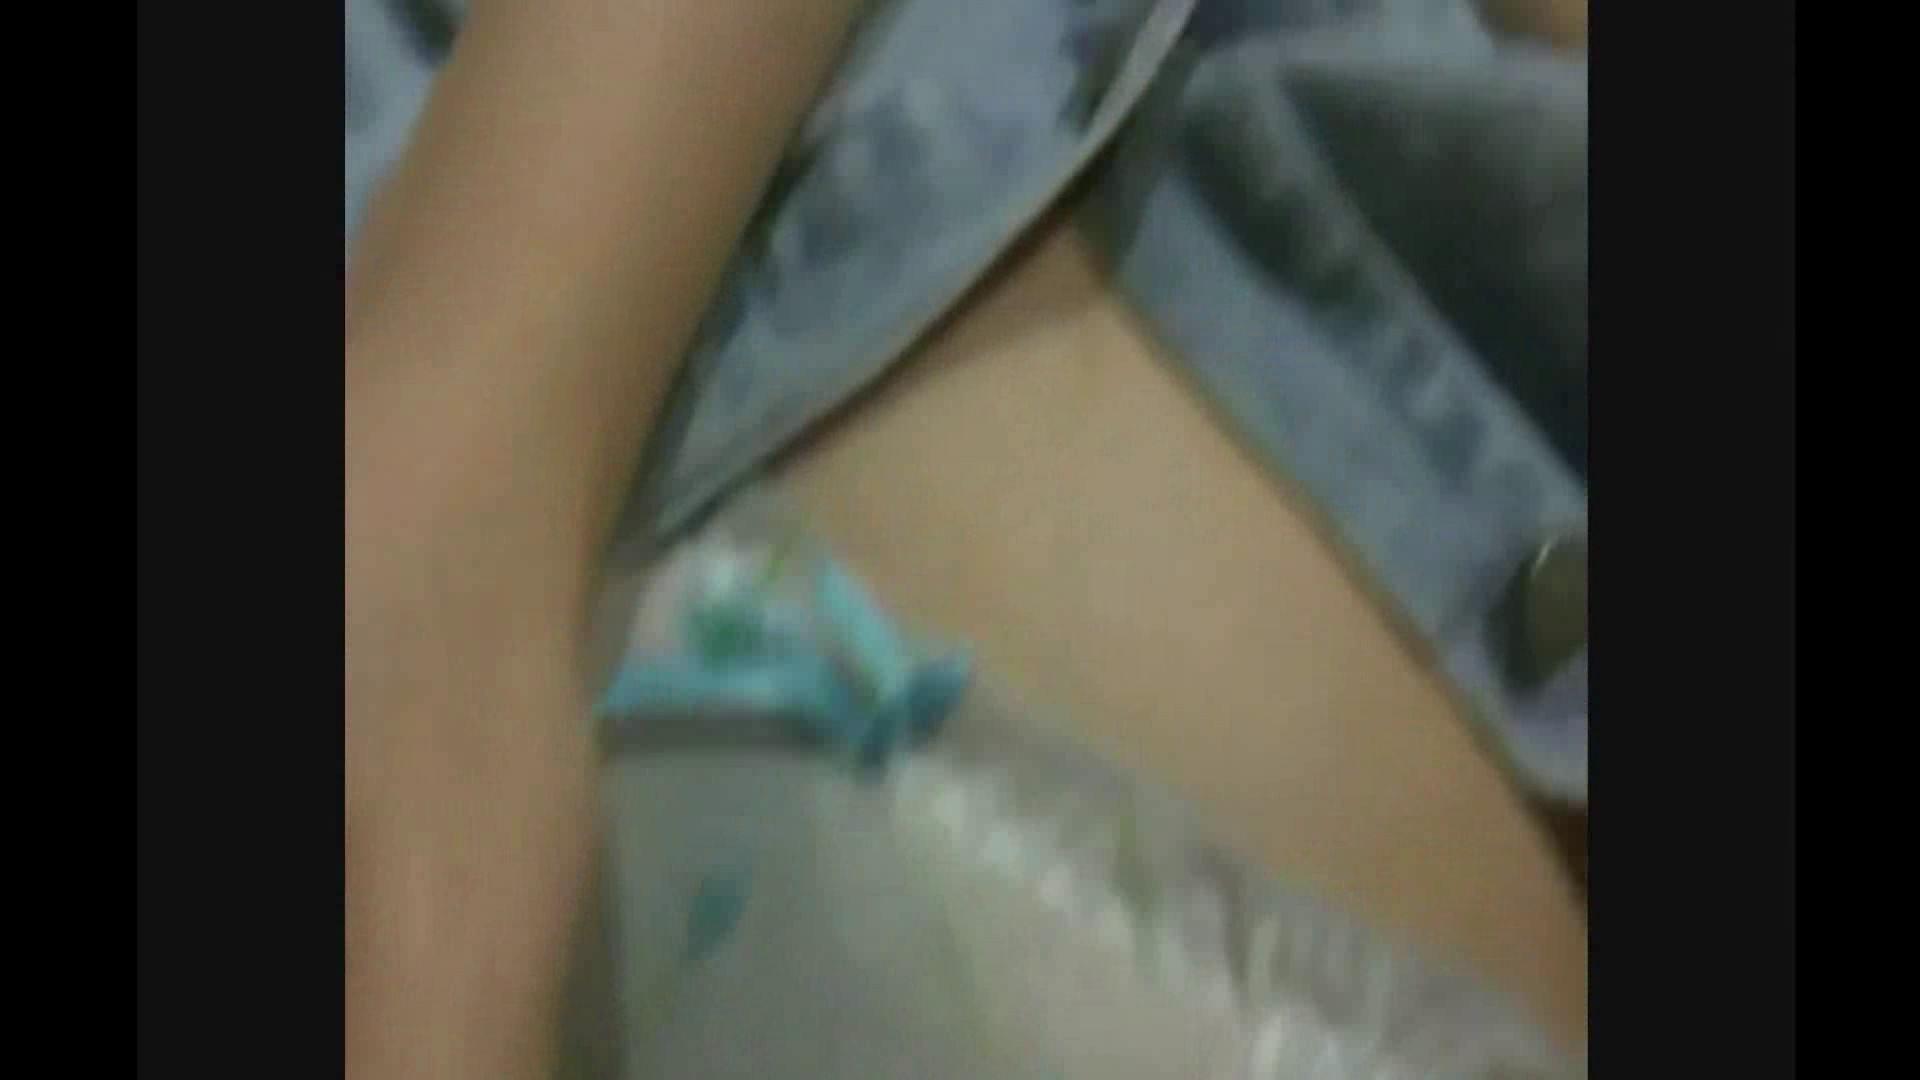 淫乱オナニー百花繚乱 Vol.01 淫乱 戯れ無修正画像 107枚 107